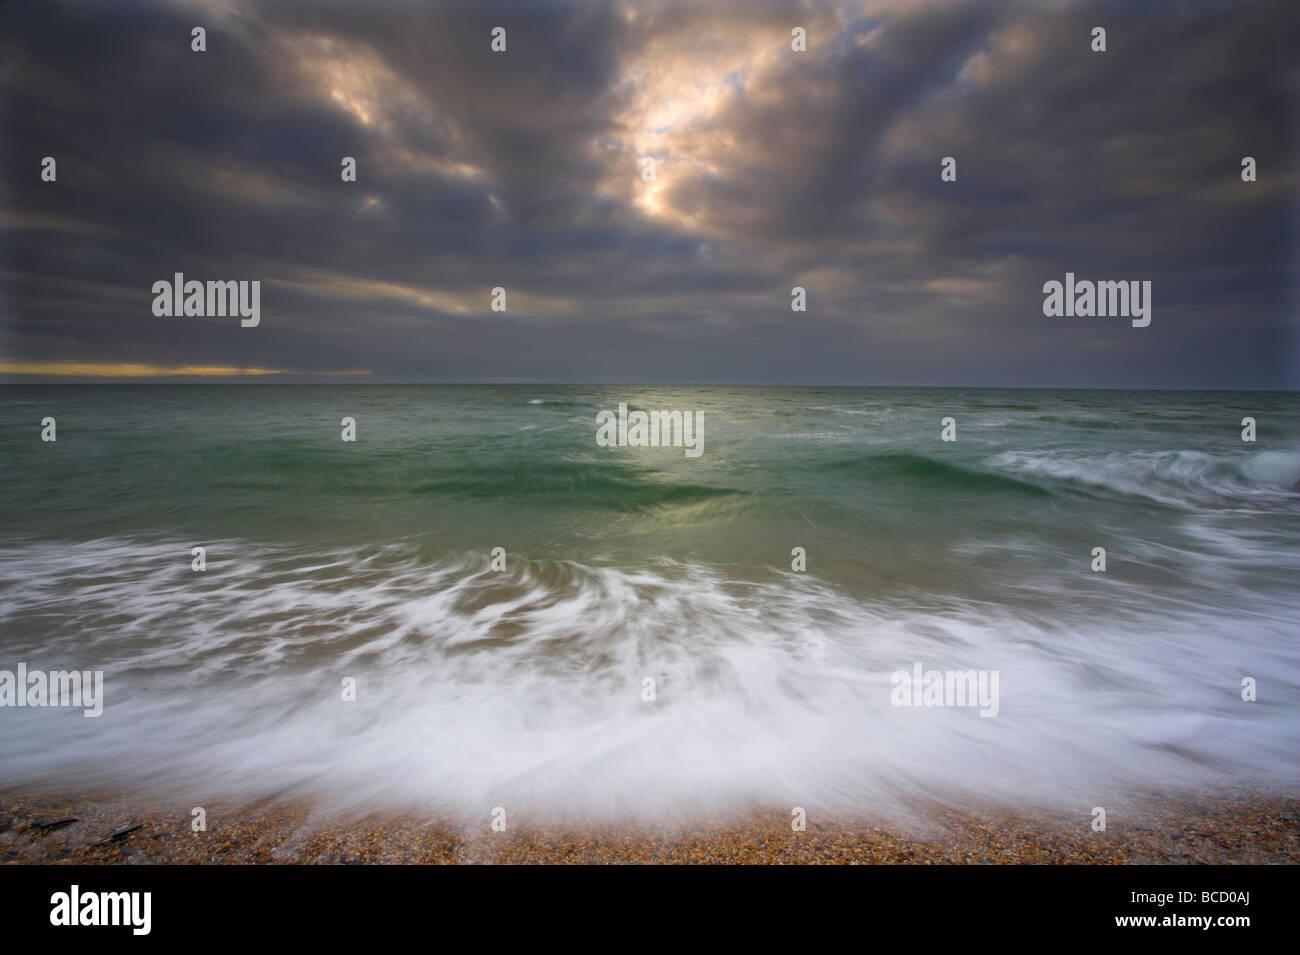 L'action des vagues et l'approche de l'orage. Lieu non identifié de sables bitumineux. Devon Photo Stock